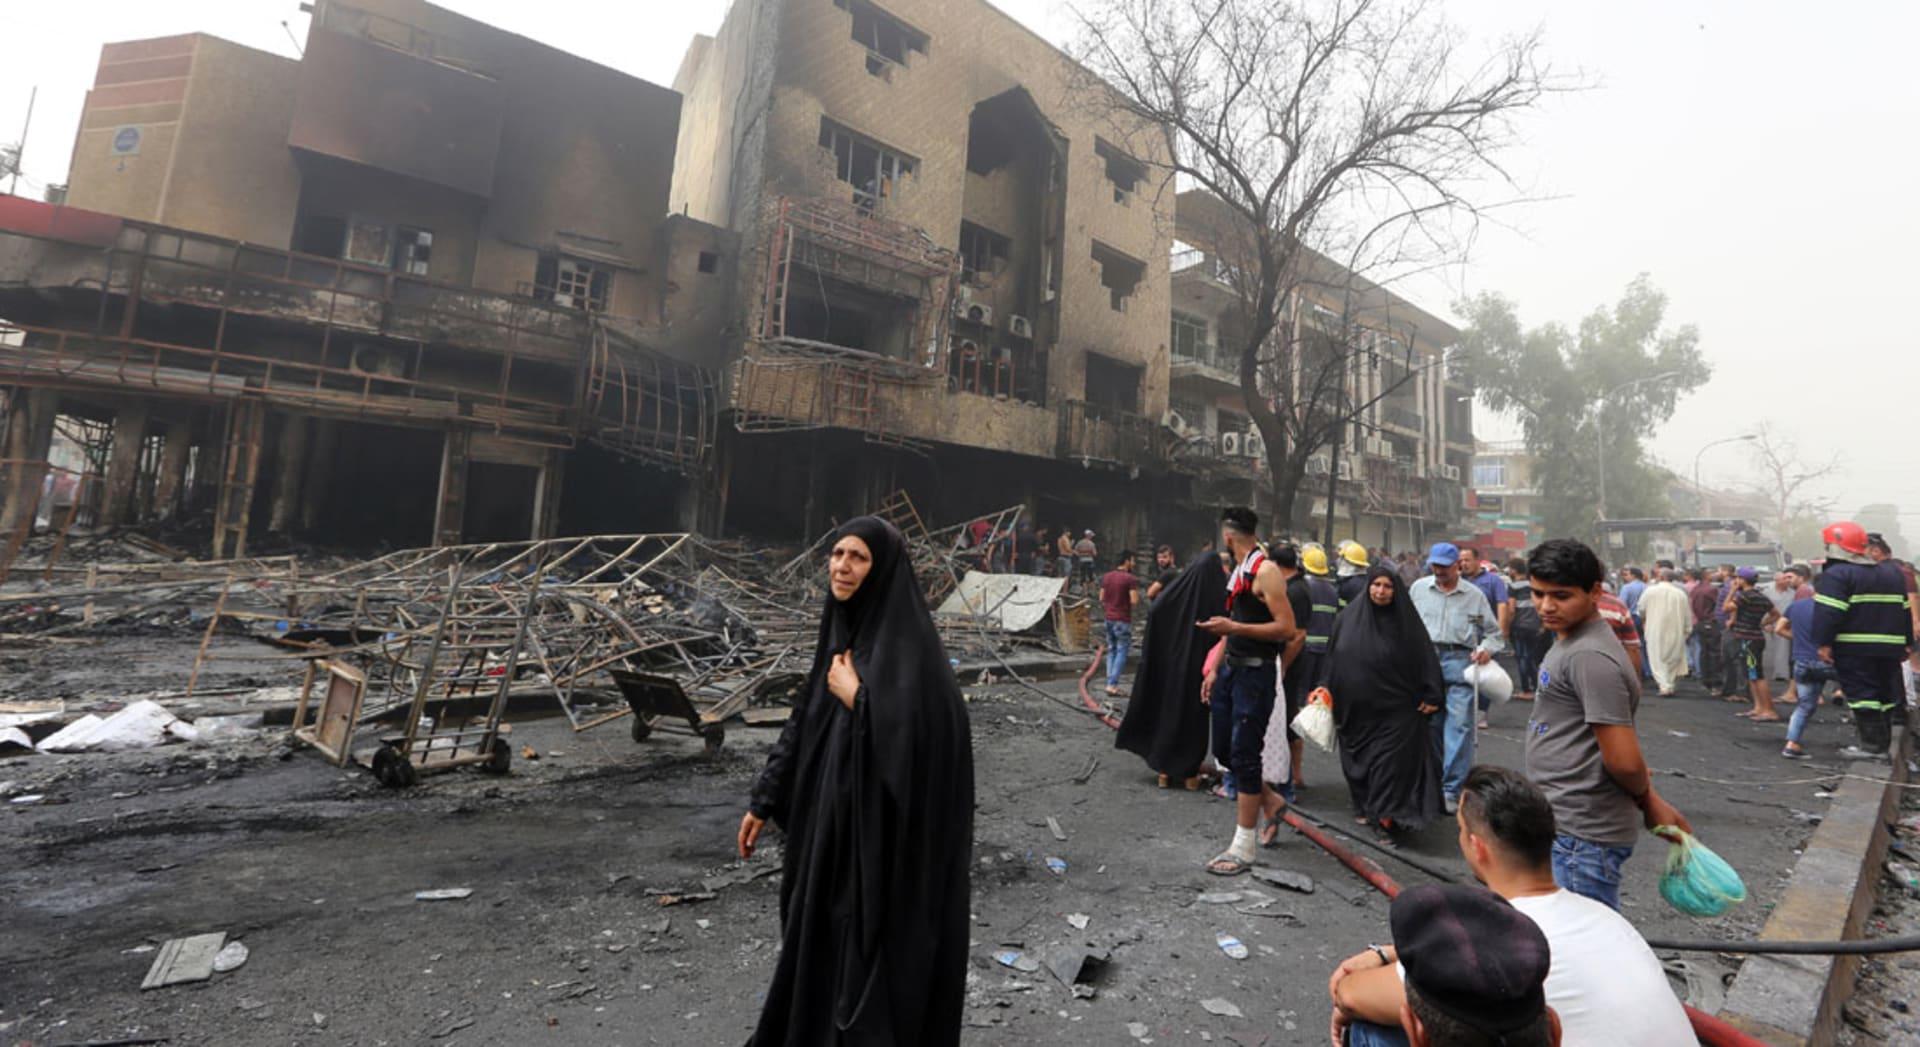 واشنطن تدين انفجار الكرادة.. وتؤكد: هجمات داعش تقوي عزيمتنا لدعم العراق والقضاء على التنظيم